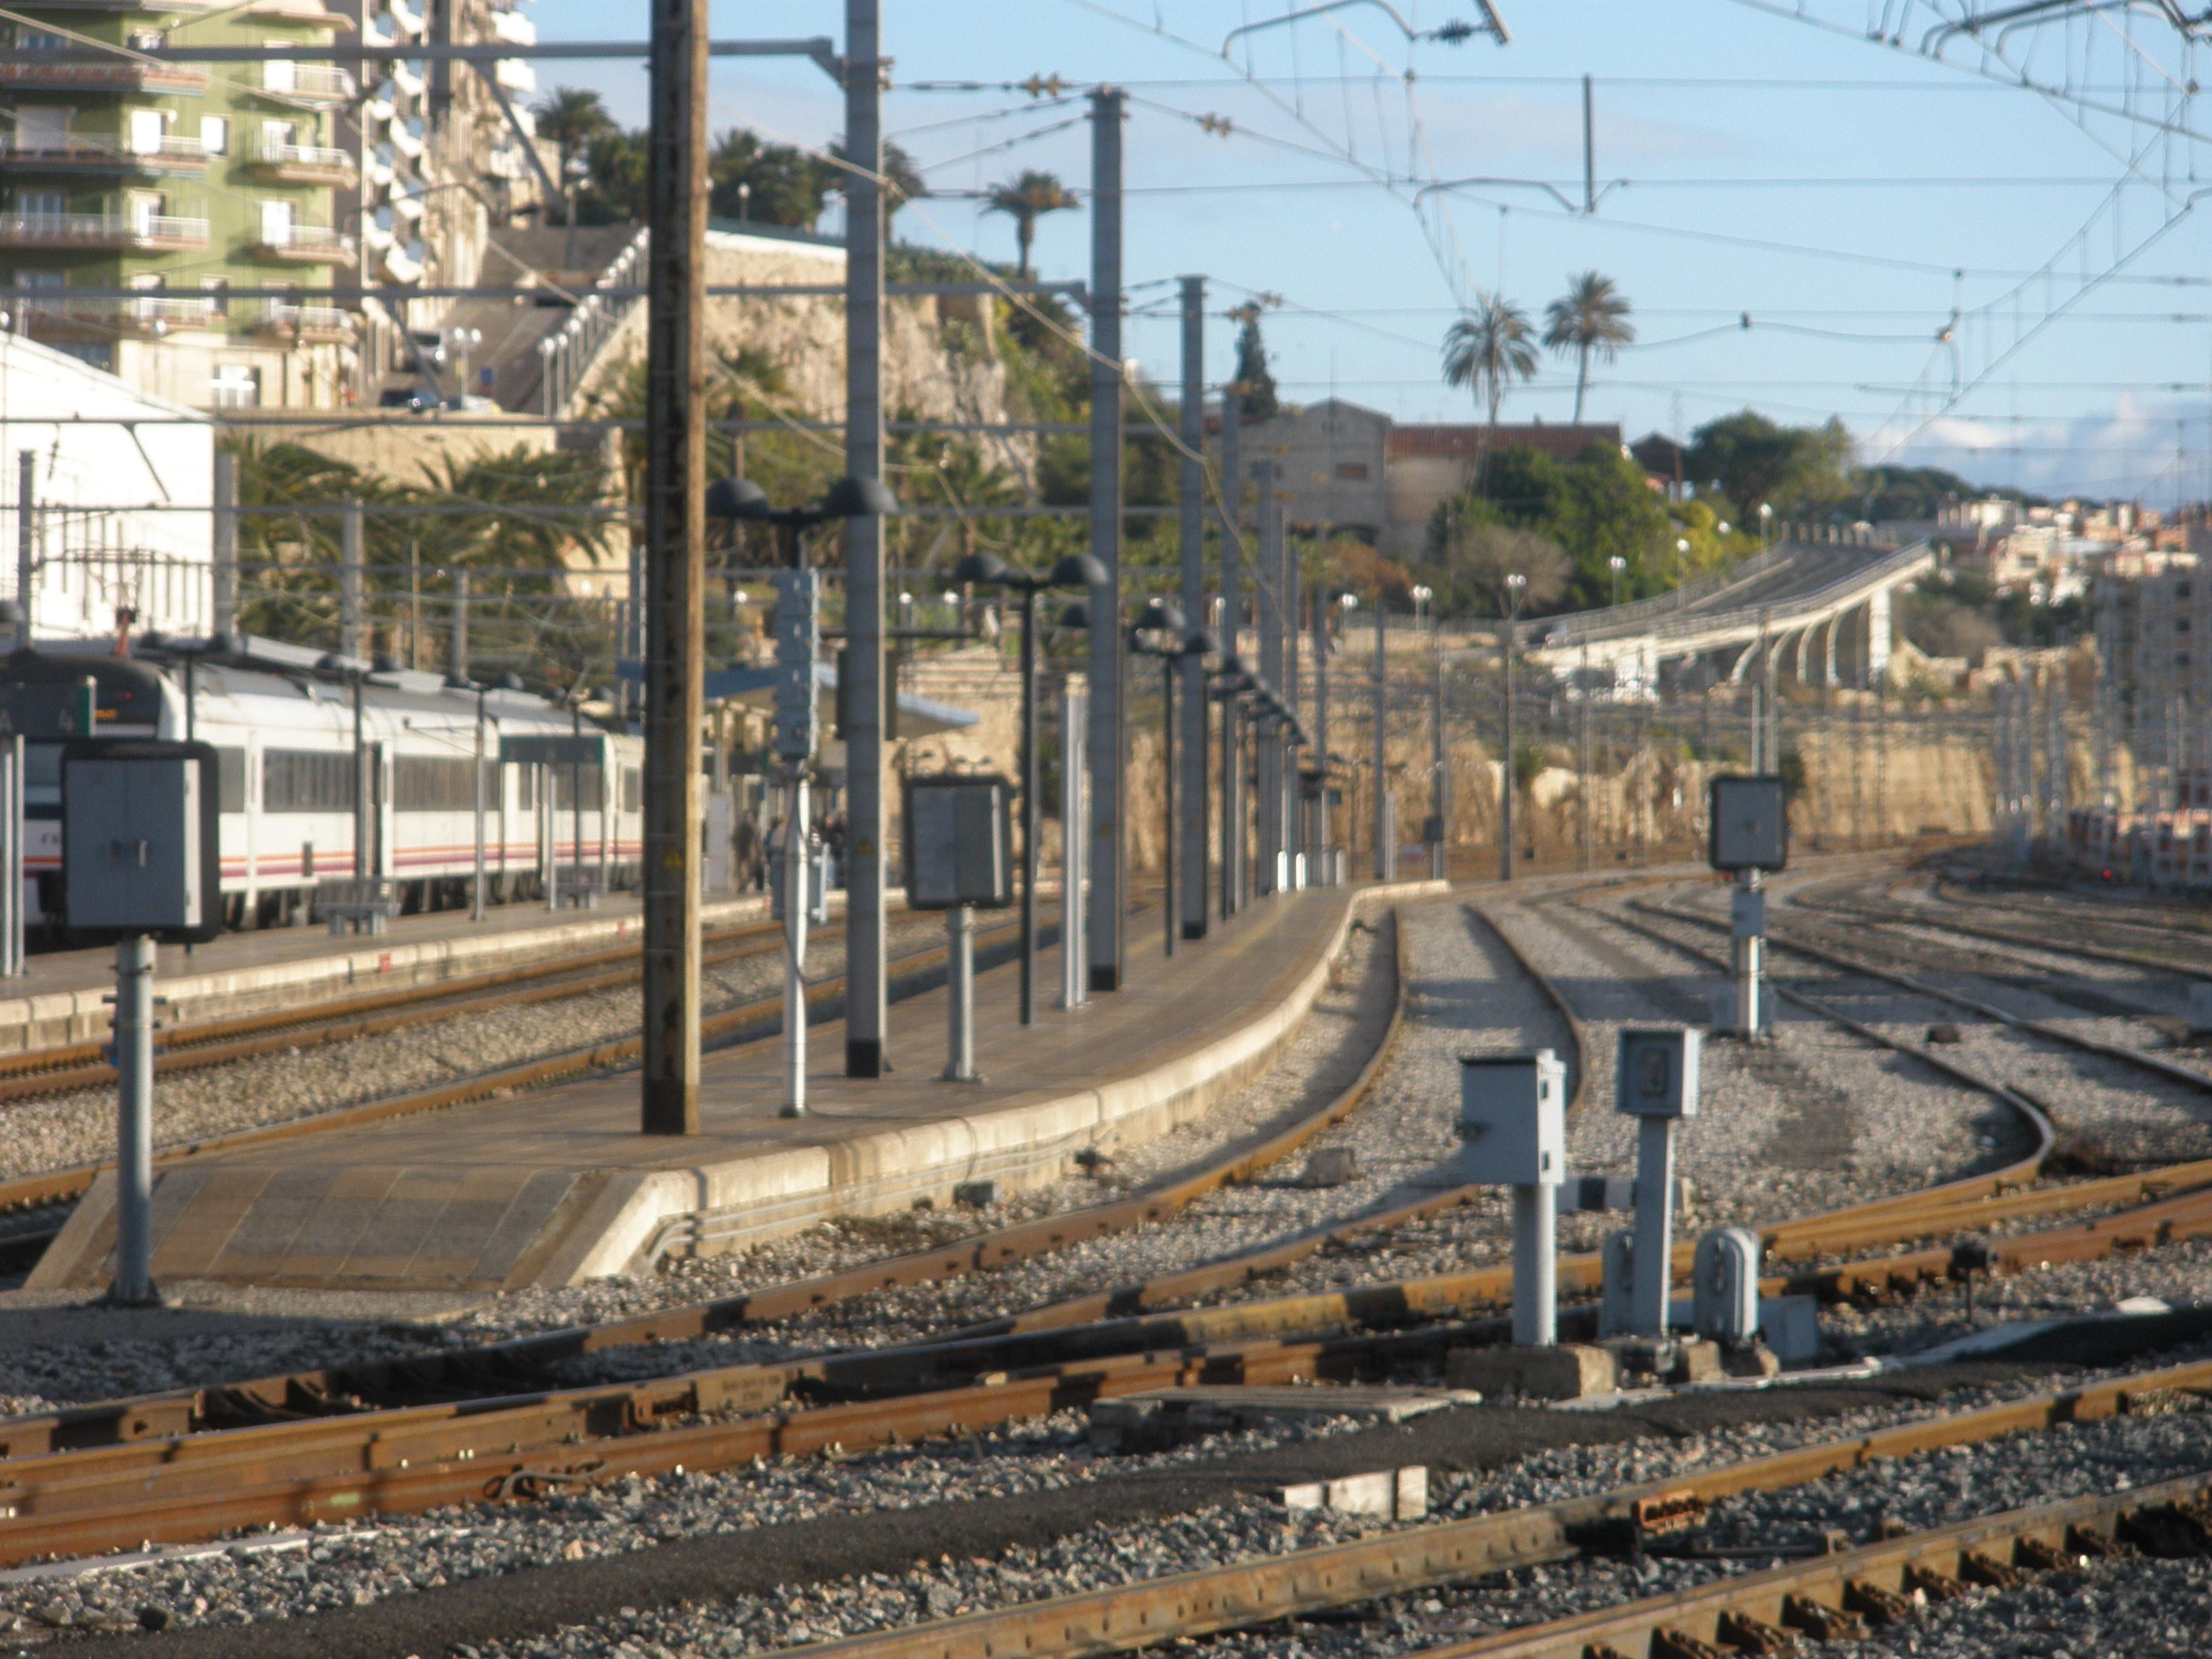 Aspecte de les vies i les andanes de l'estació de Tarragona, la tercera de Catalunya en nombre de passatgers